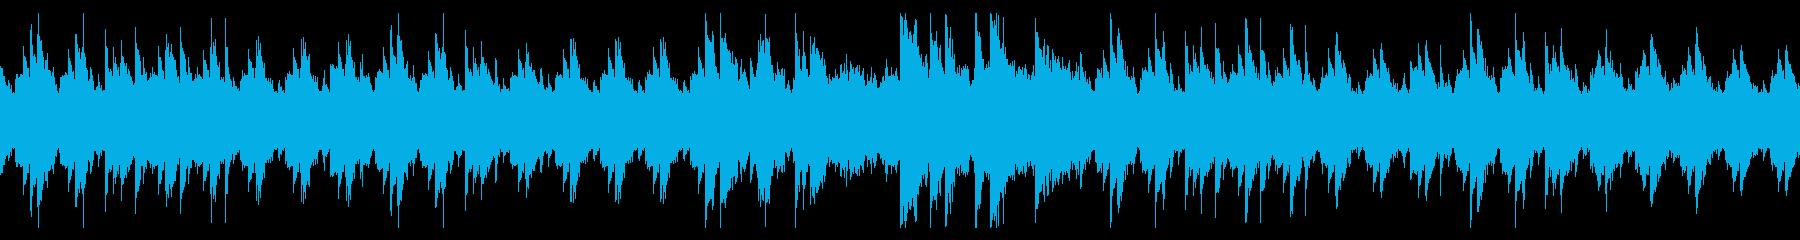 ピアノとバイオリンの悲しいBGM・ループの再生済みの波形